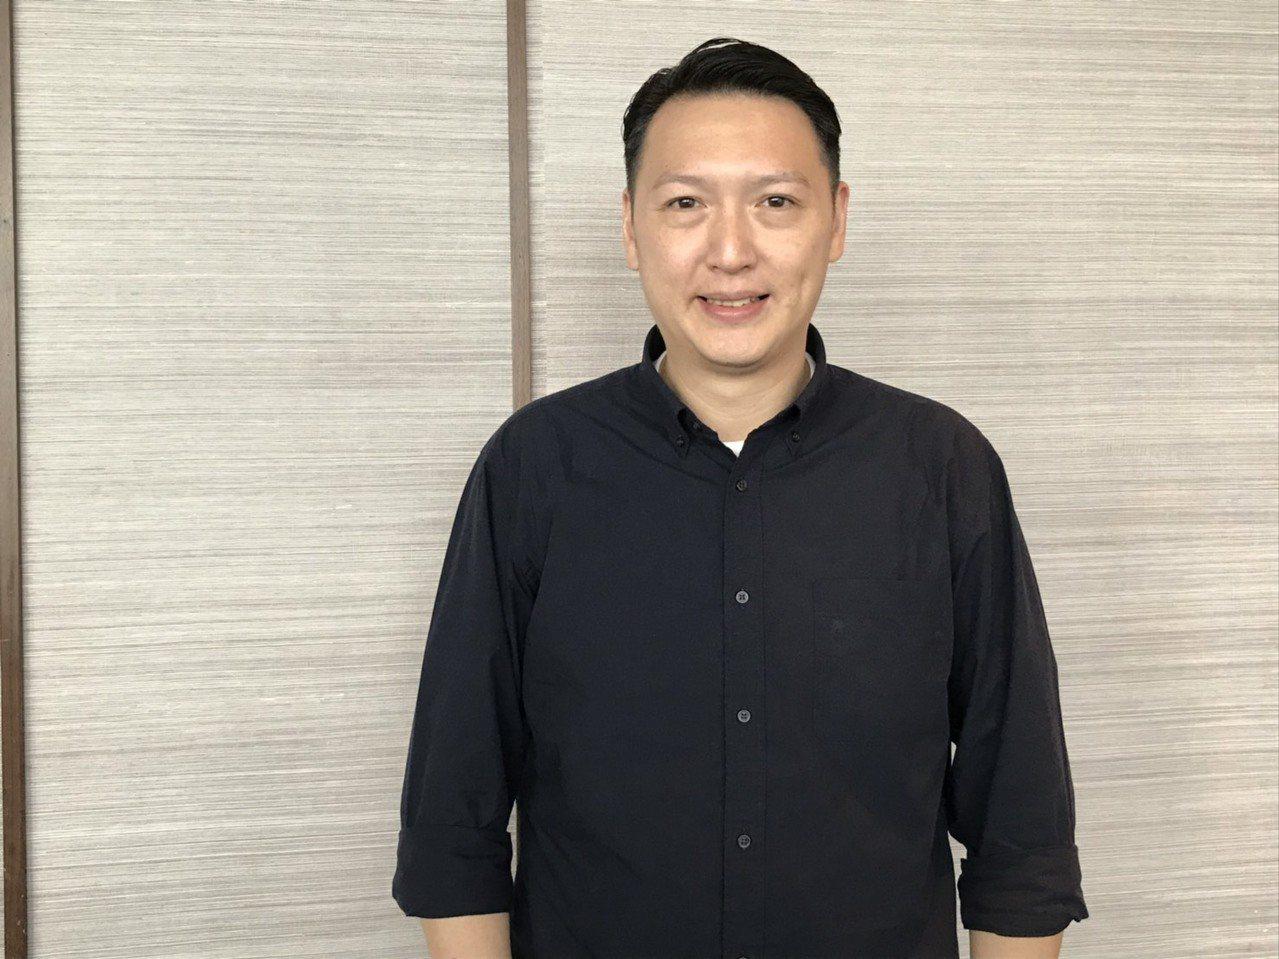 燦坤總經理李佳峰今天申請辭職。圖/報系資料照